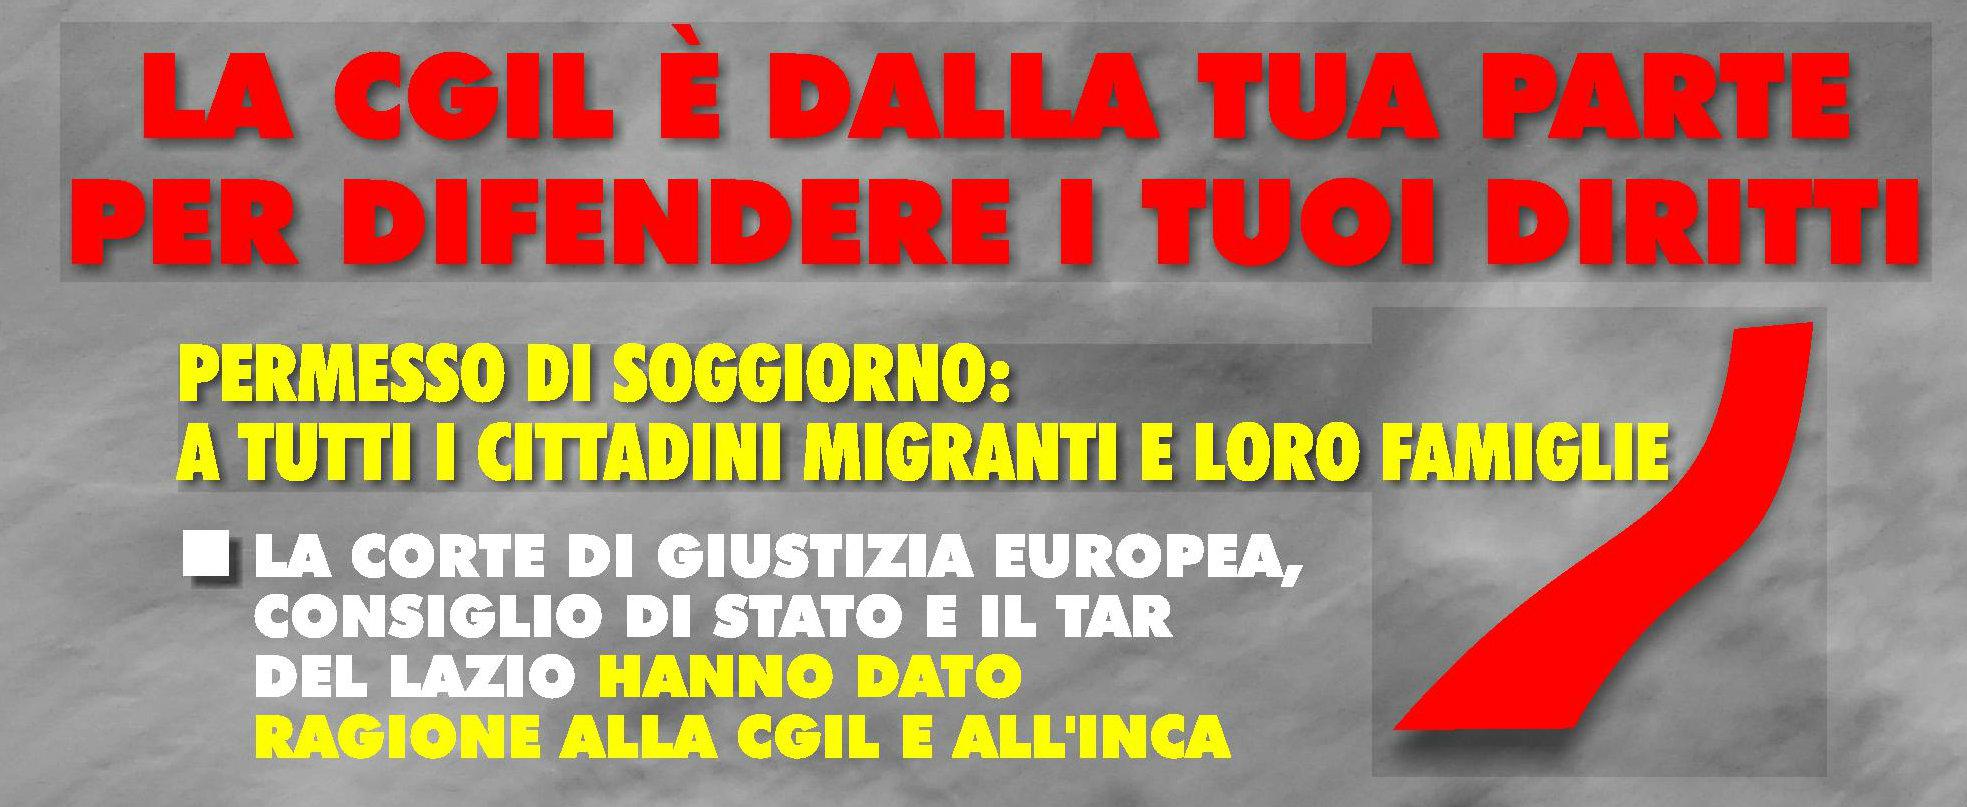 INCA Bologna - Rinnovo permessi di soggiorno